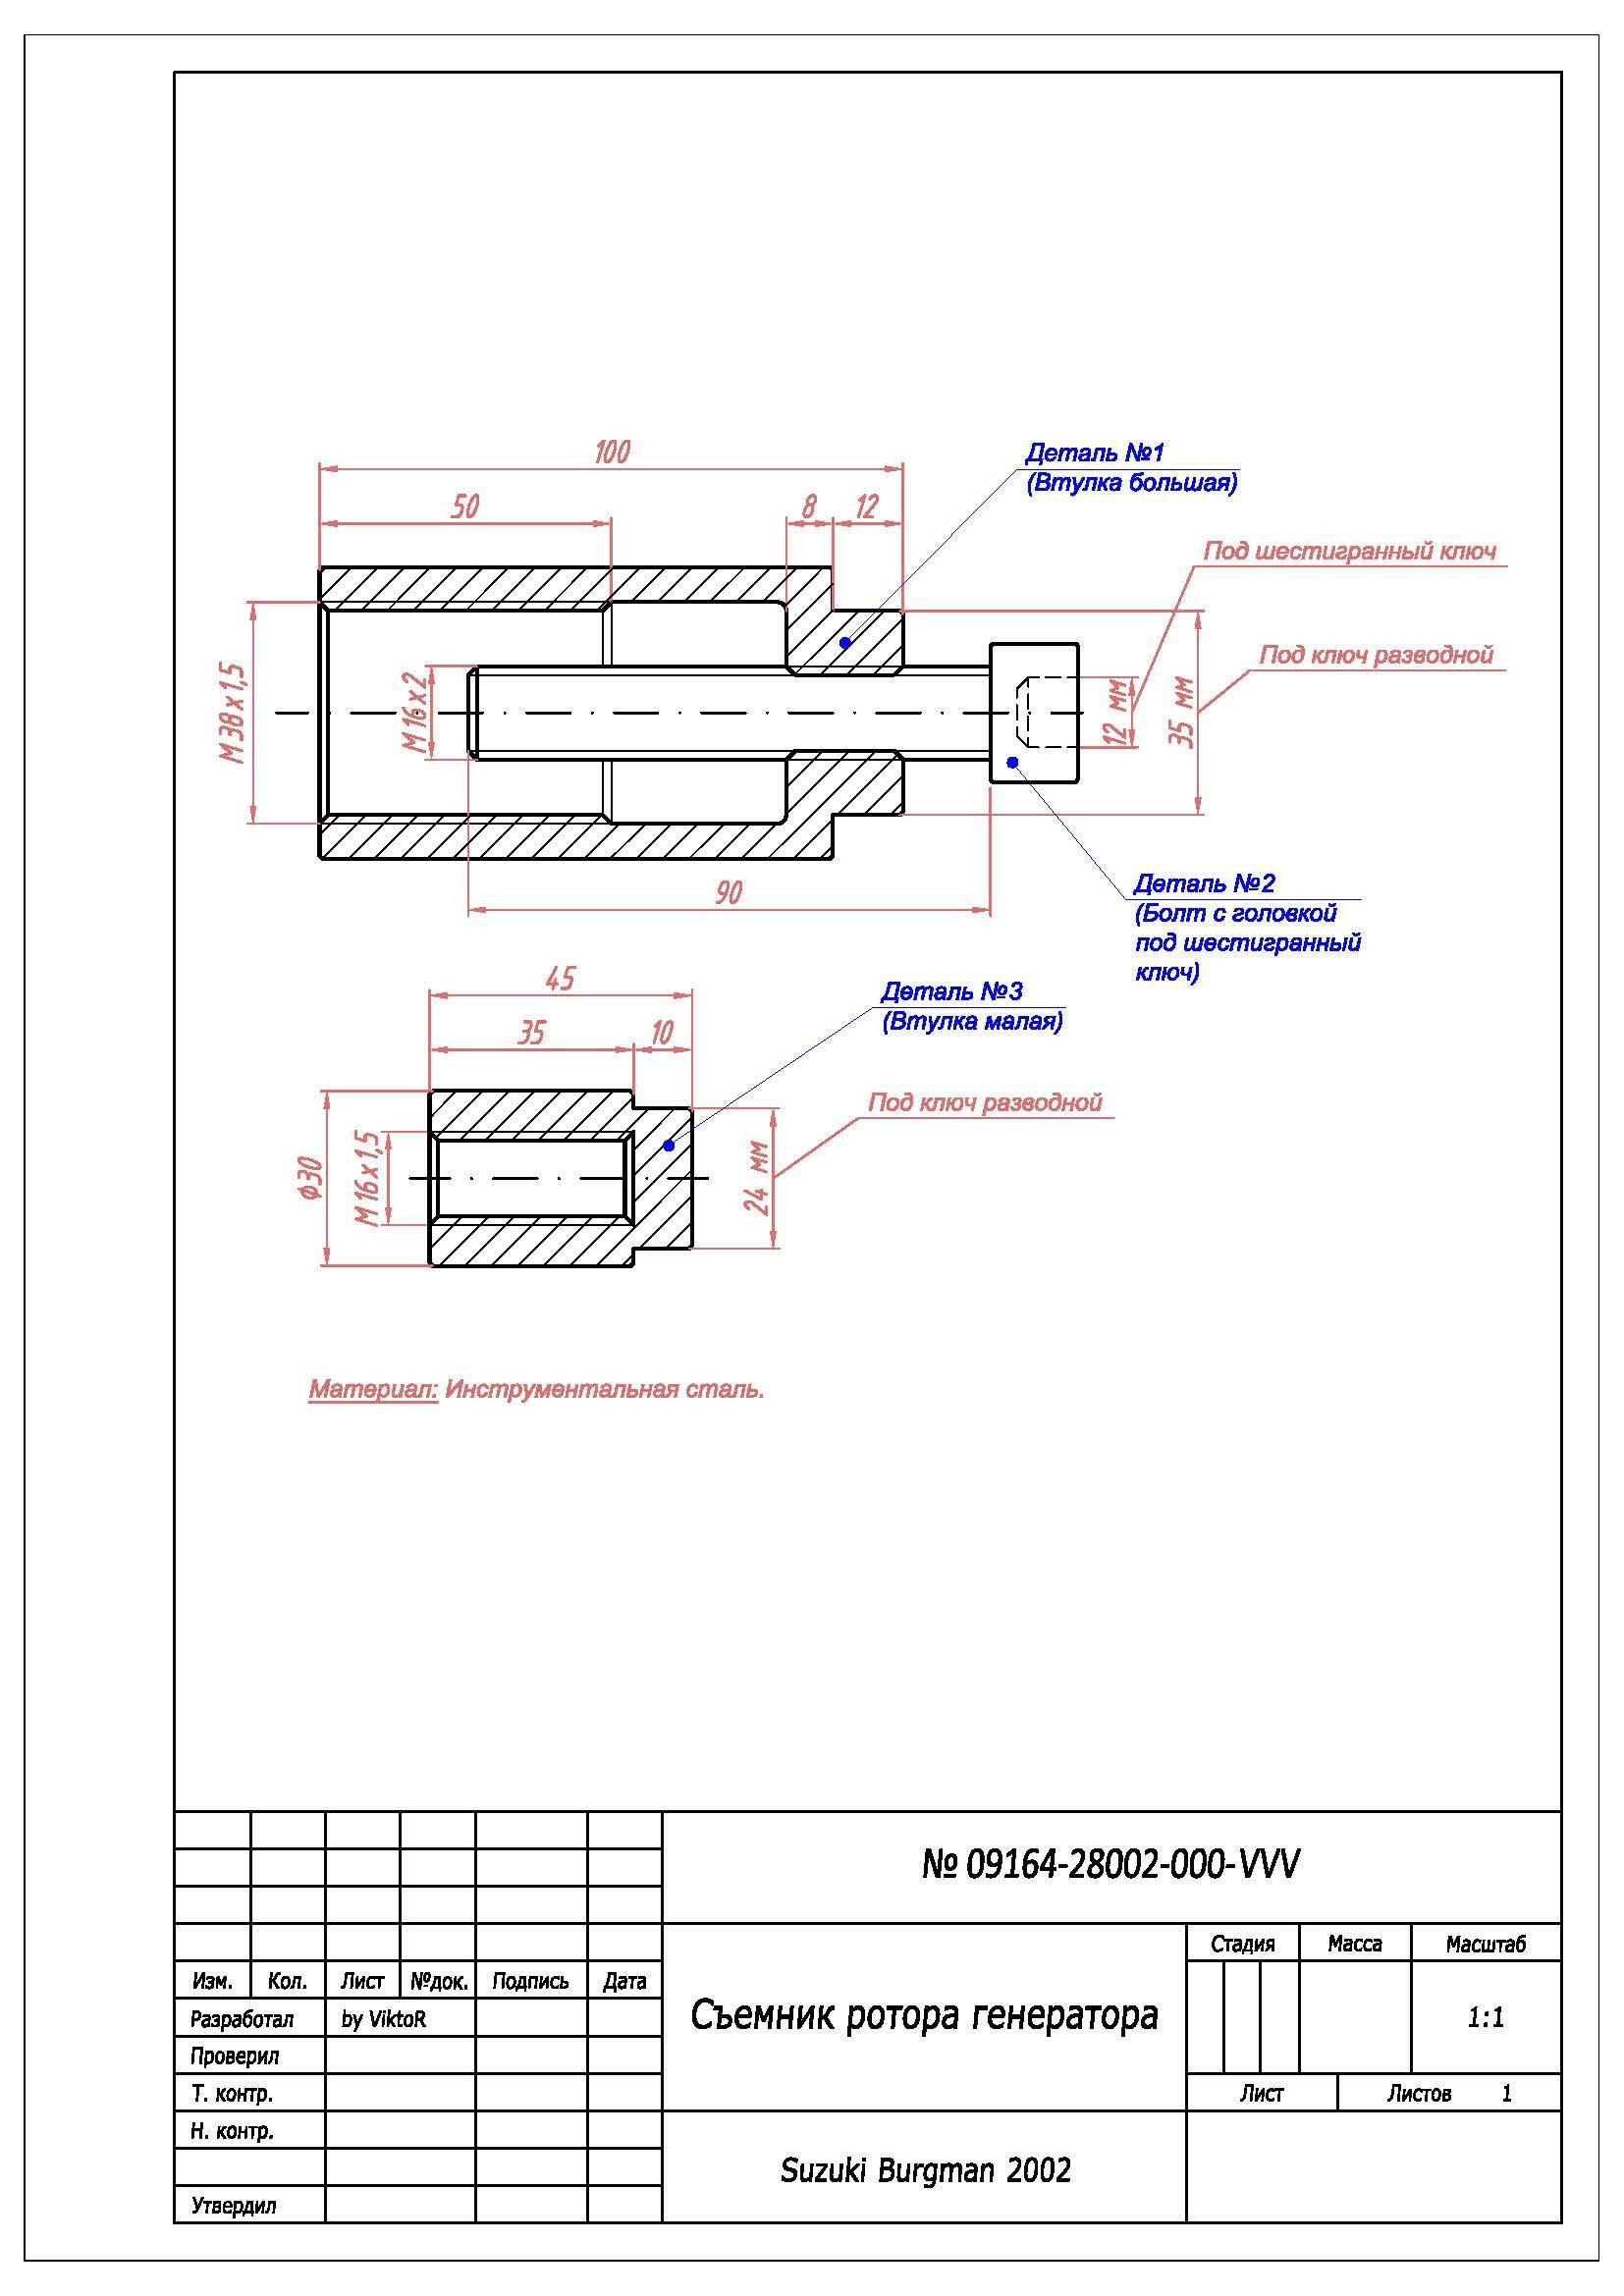 Самостоятельное изготовление стяжки пружин амортизаторов 60